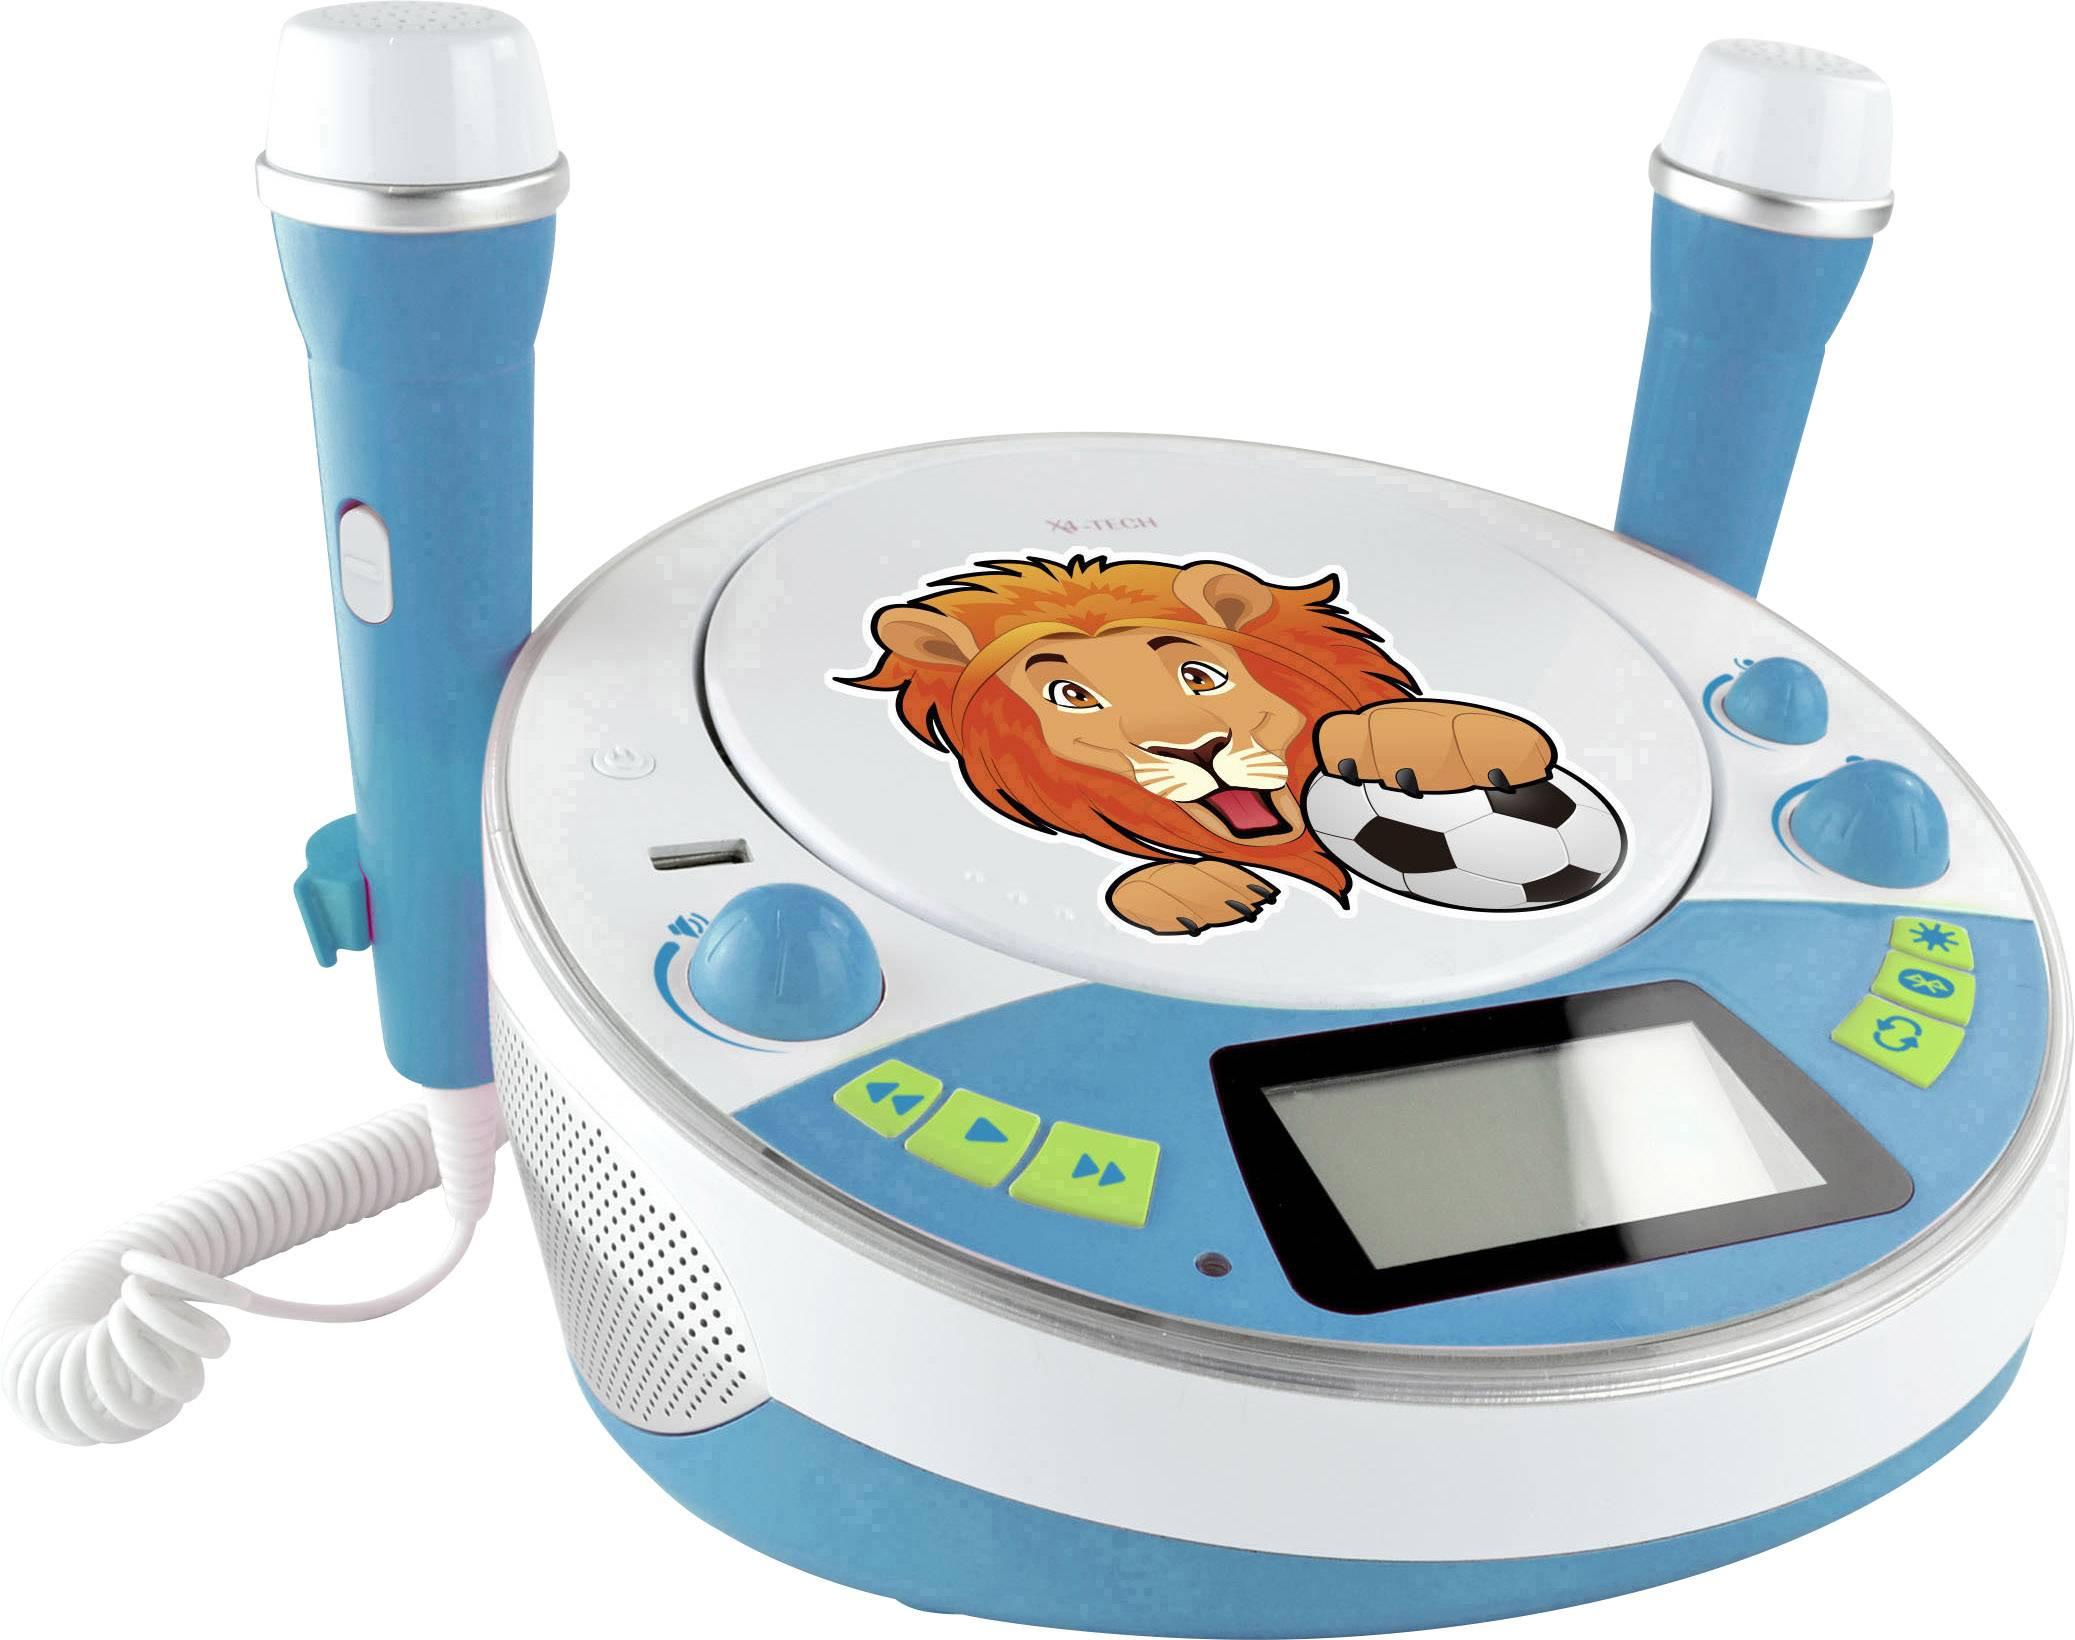 Dětský CD přehrávač X4 Tech Bobby Joey Jam Box Bluetooth, AUX, CD, USB, SD vč. karaoke, včetně mikrofonu, modrá